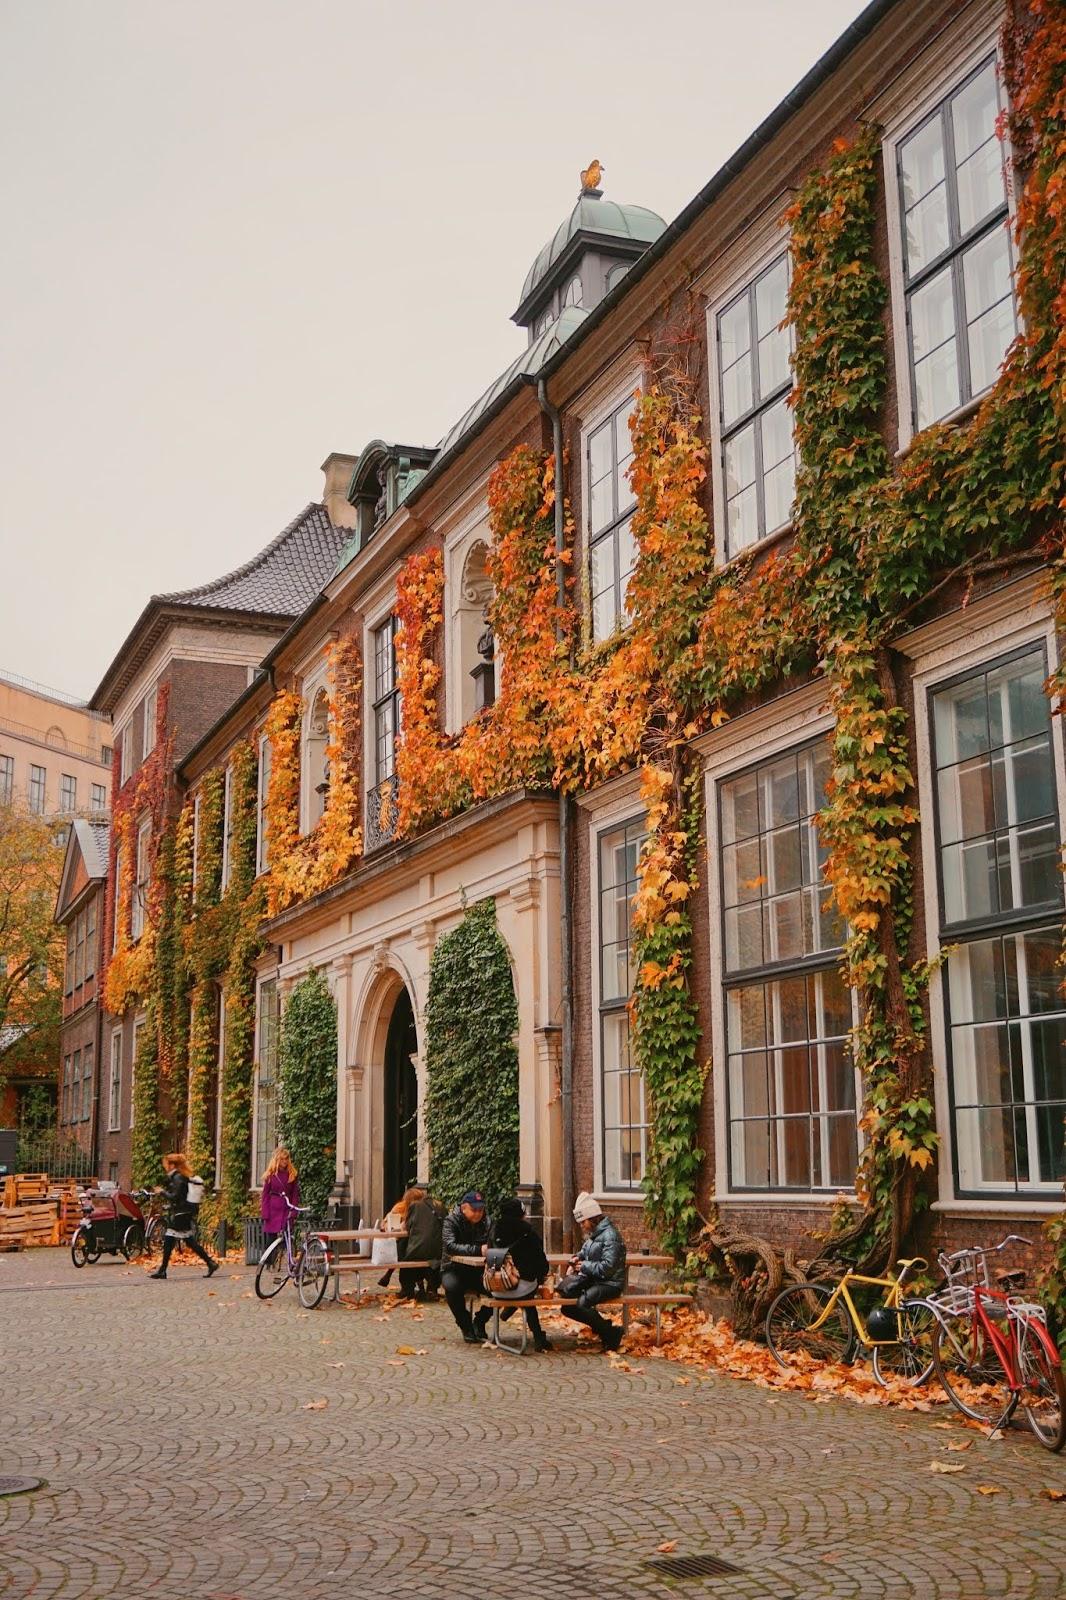 Autumn in Copenhagen